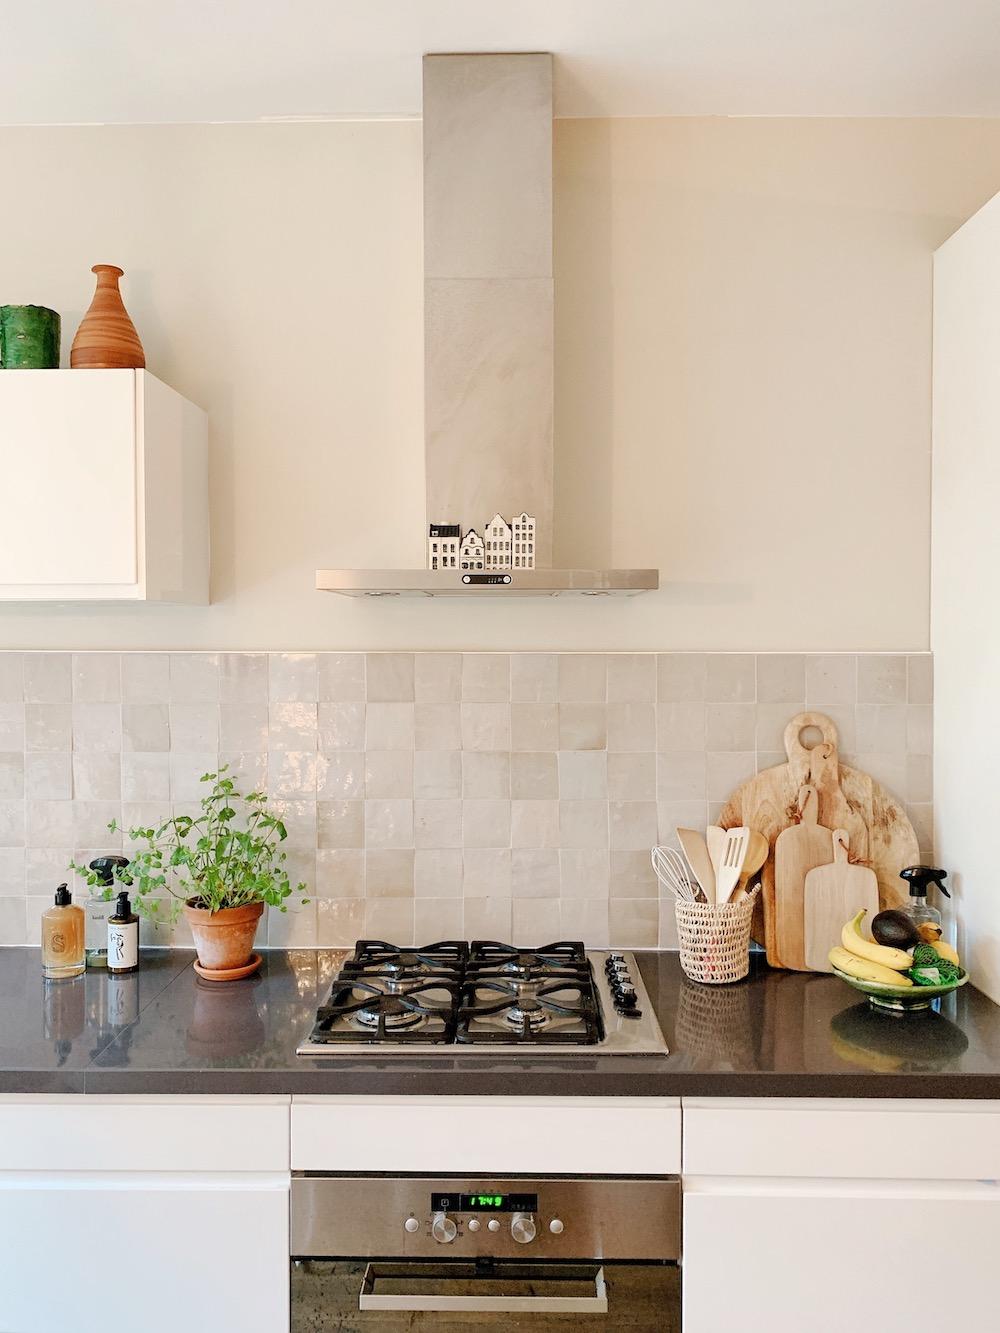 Designtegels witte keuken. Achterwand Marokkaanse vellige ecru #keuken #keukentegels #designtegels #achterwand #tegels